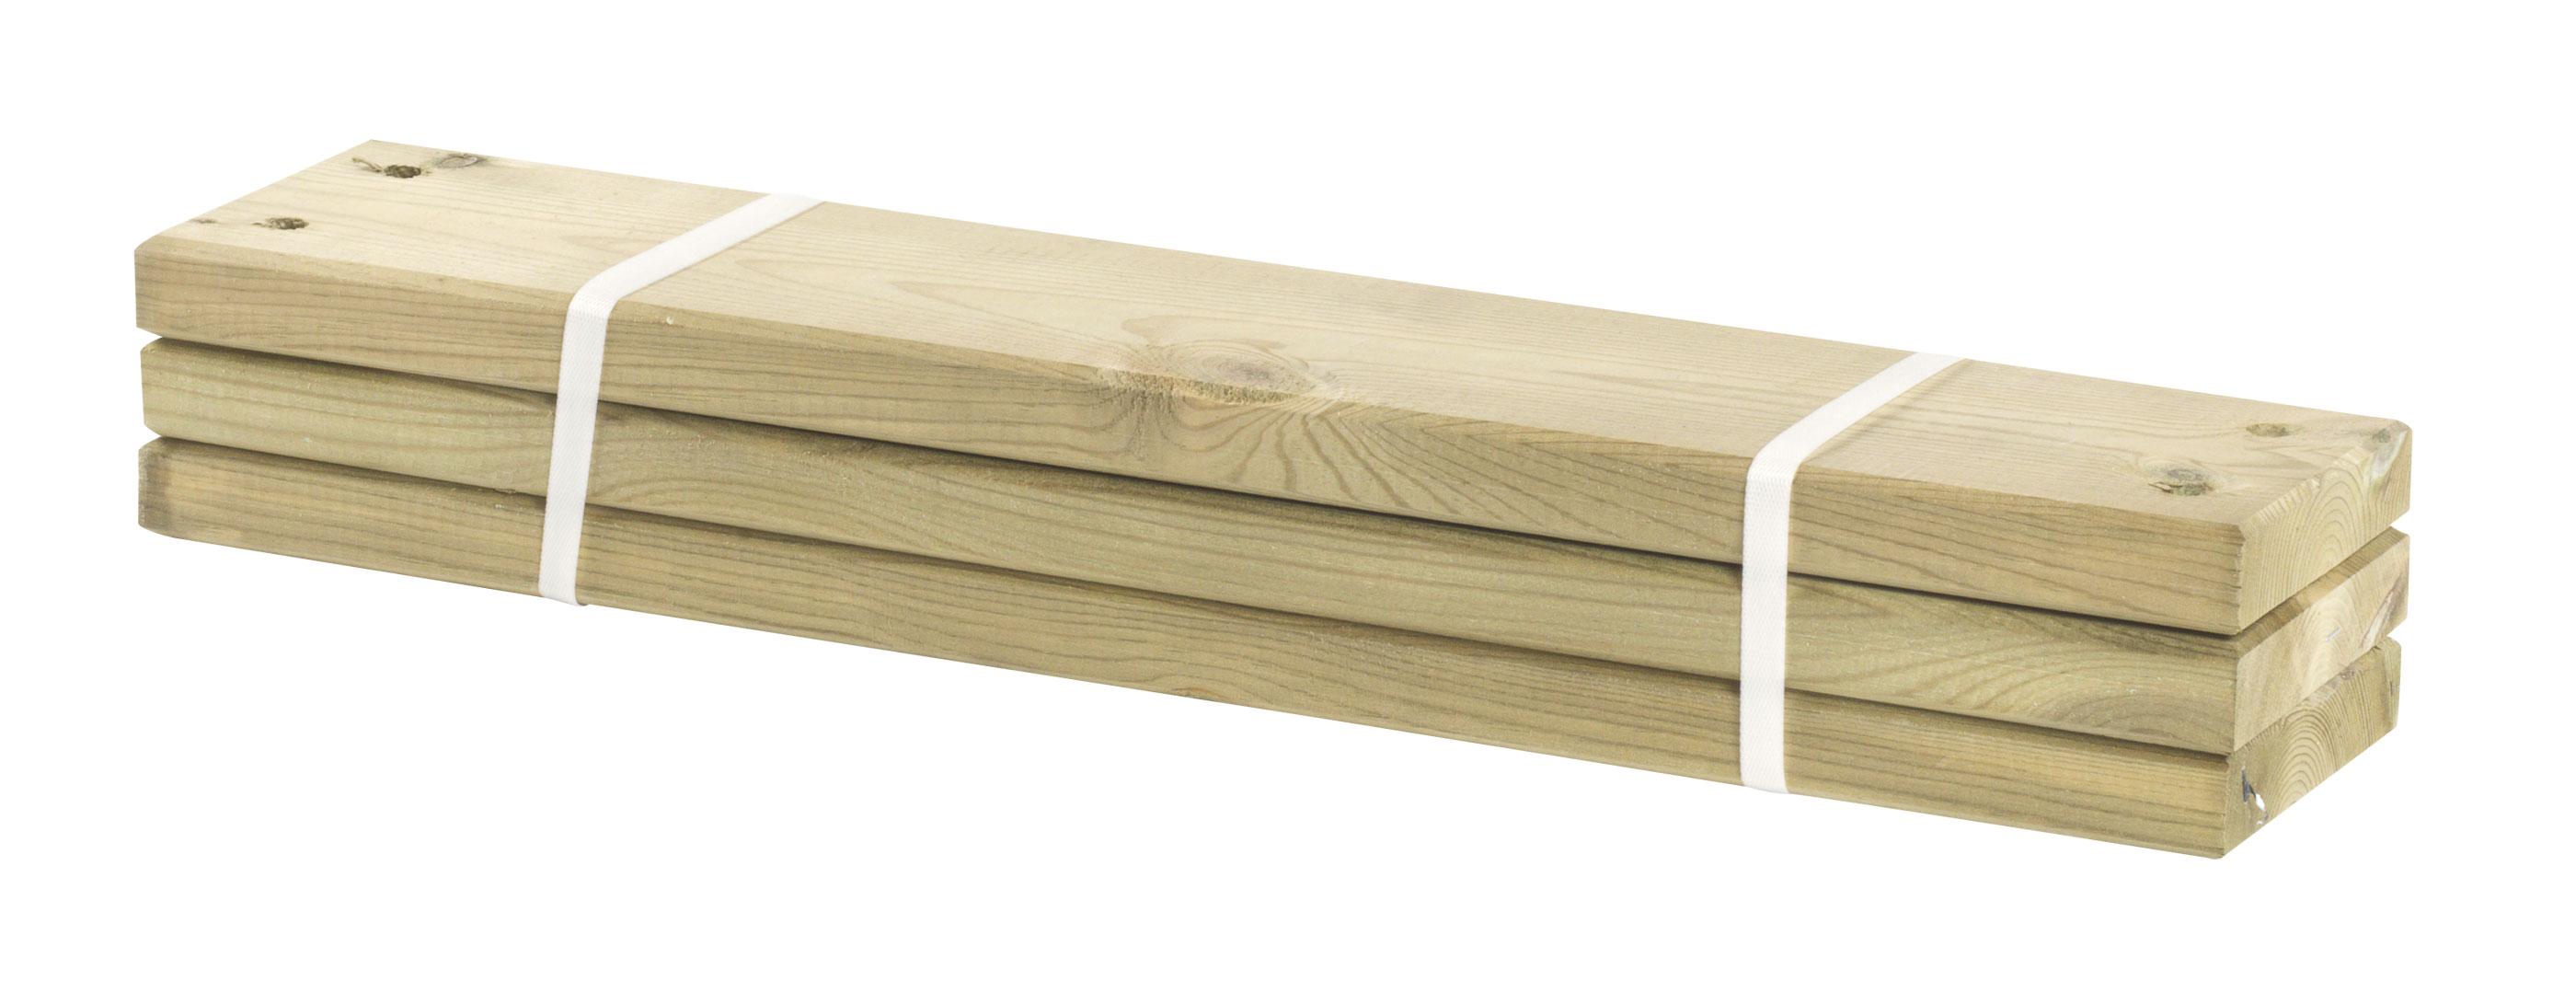 holz planken für pipe modulsystem plus 3 stück kdi länge 60cm - bei